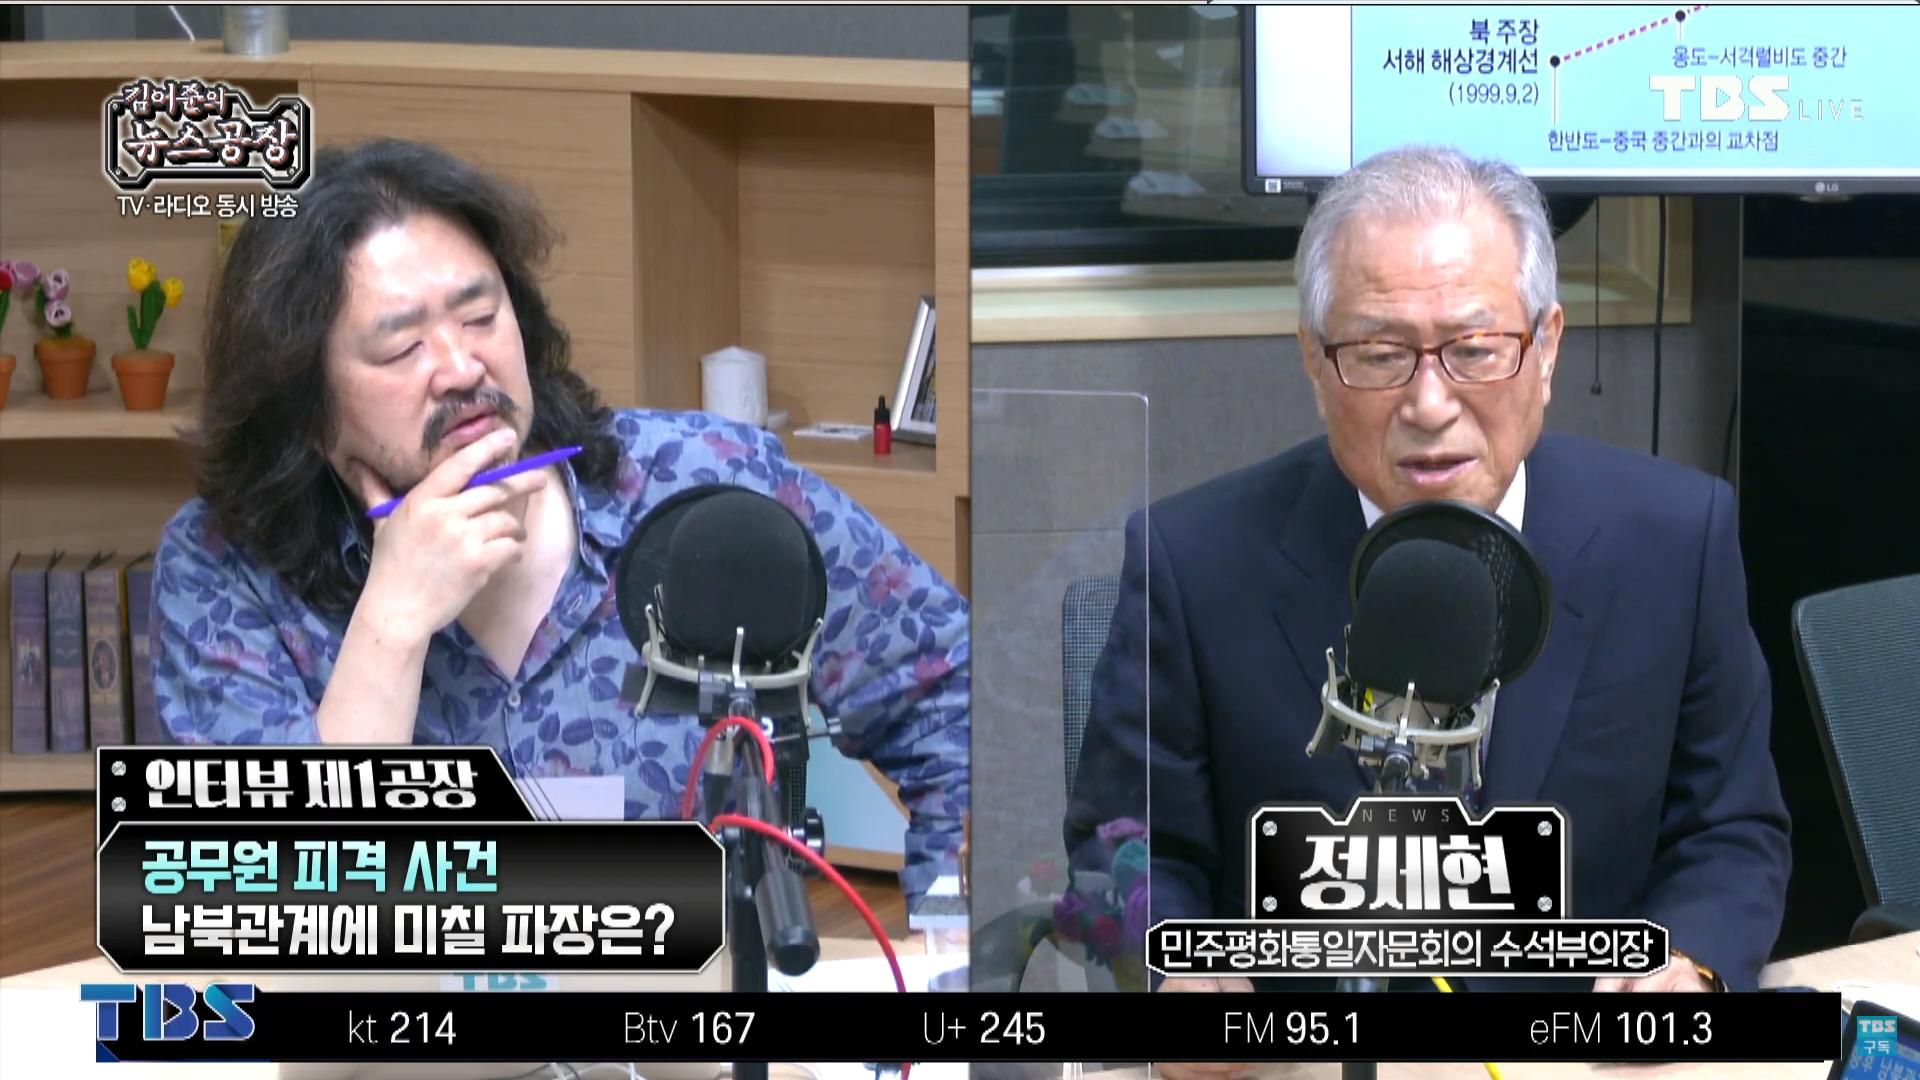 28일 TBS '김어준의 뉴스공장'에 출연한 정세현 부의장